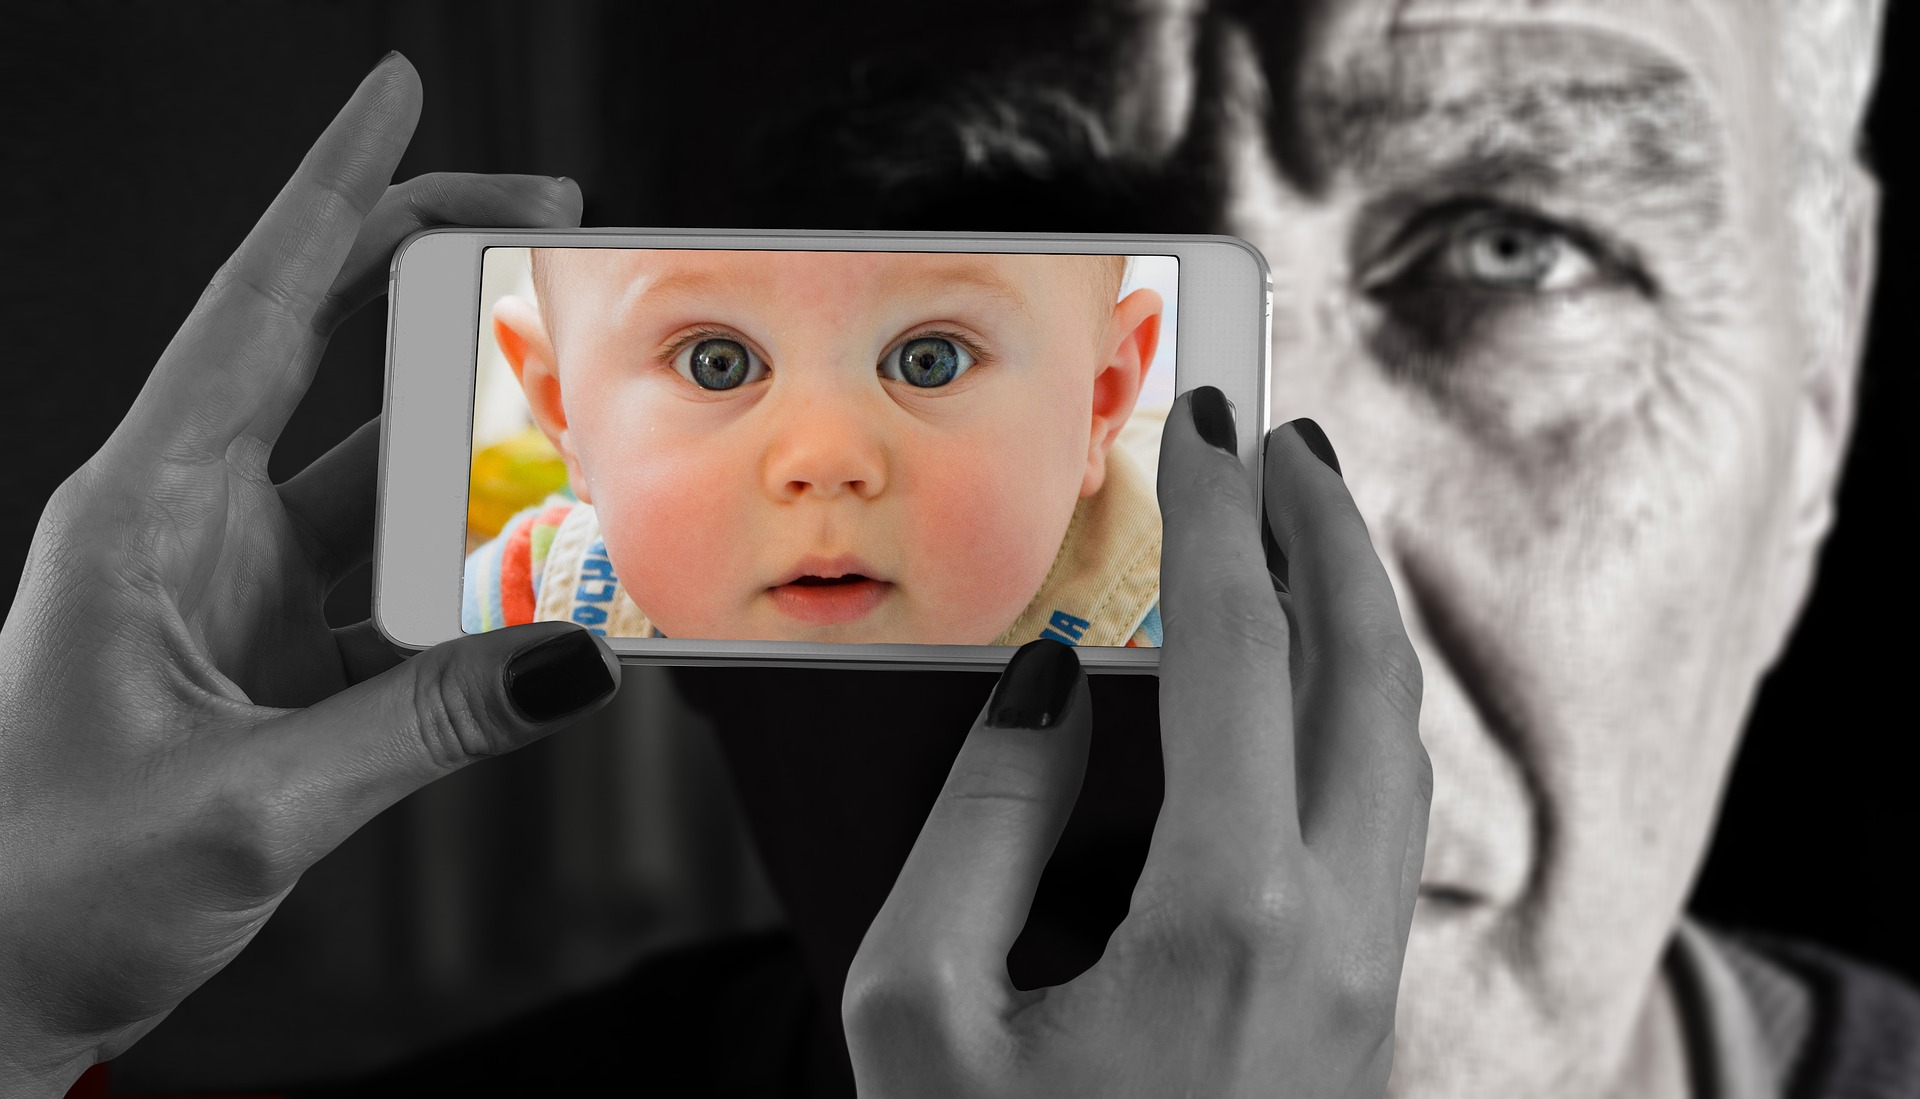 smartphone-1790833_1920